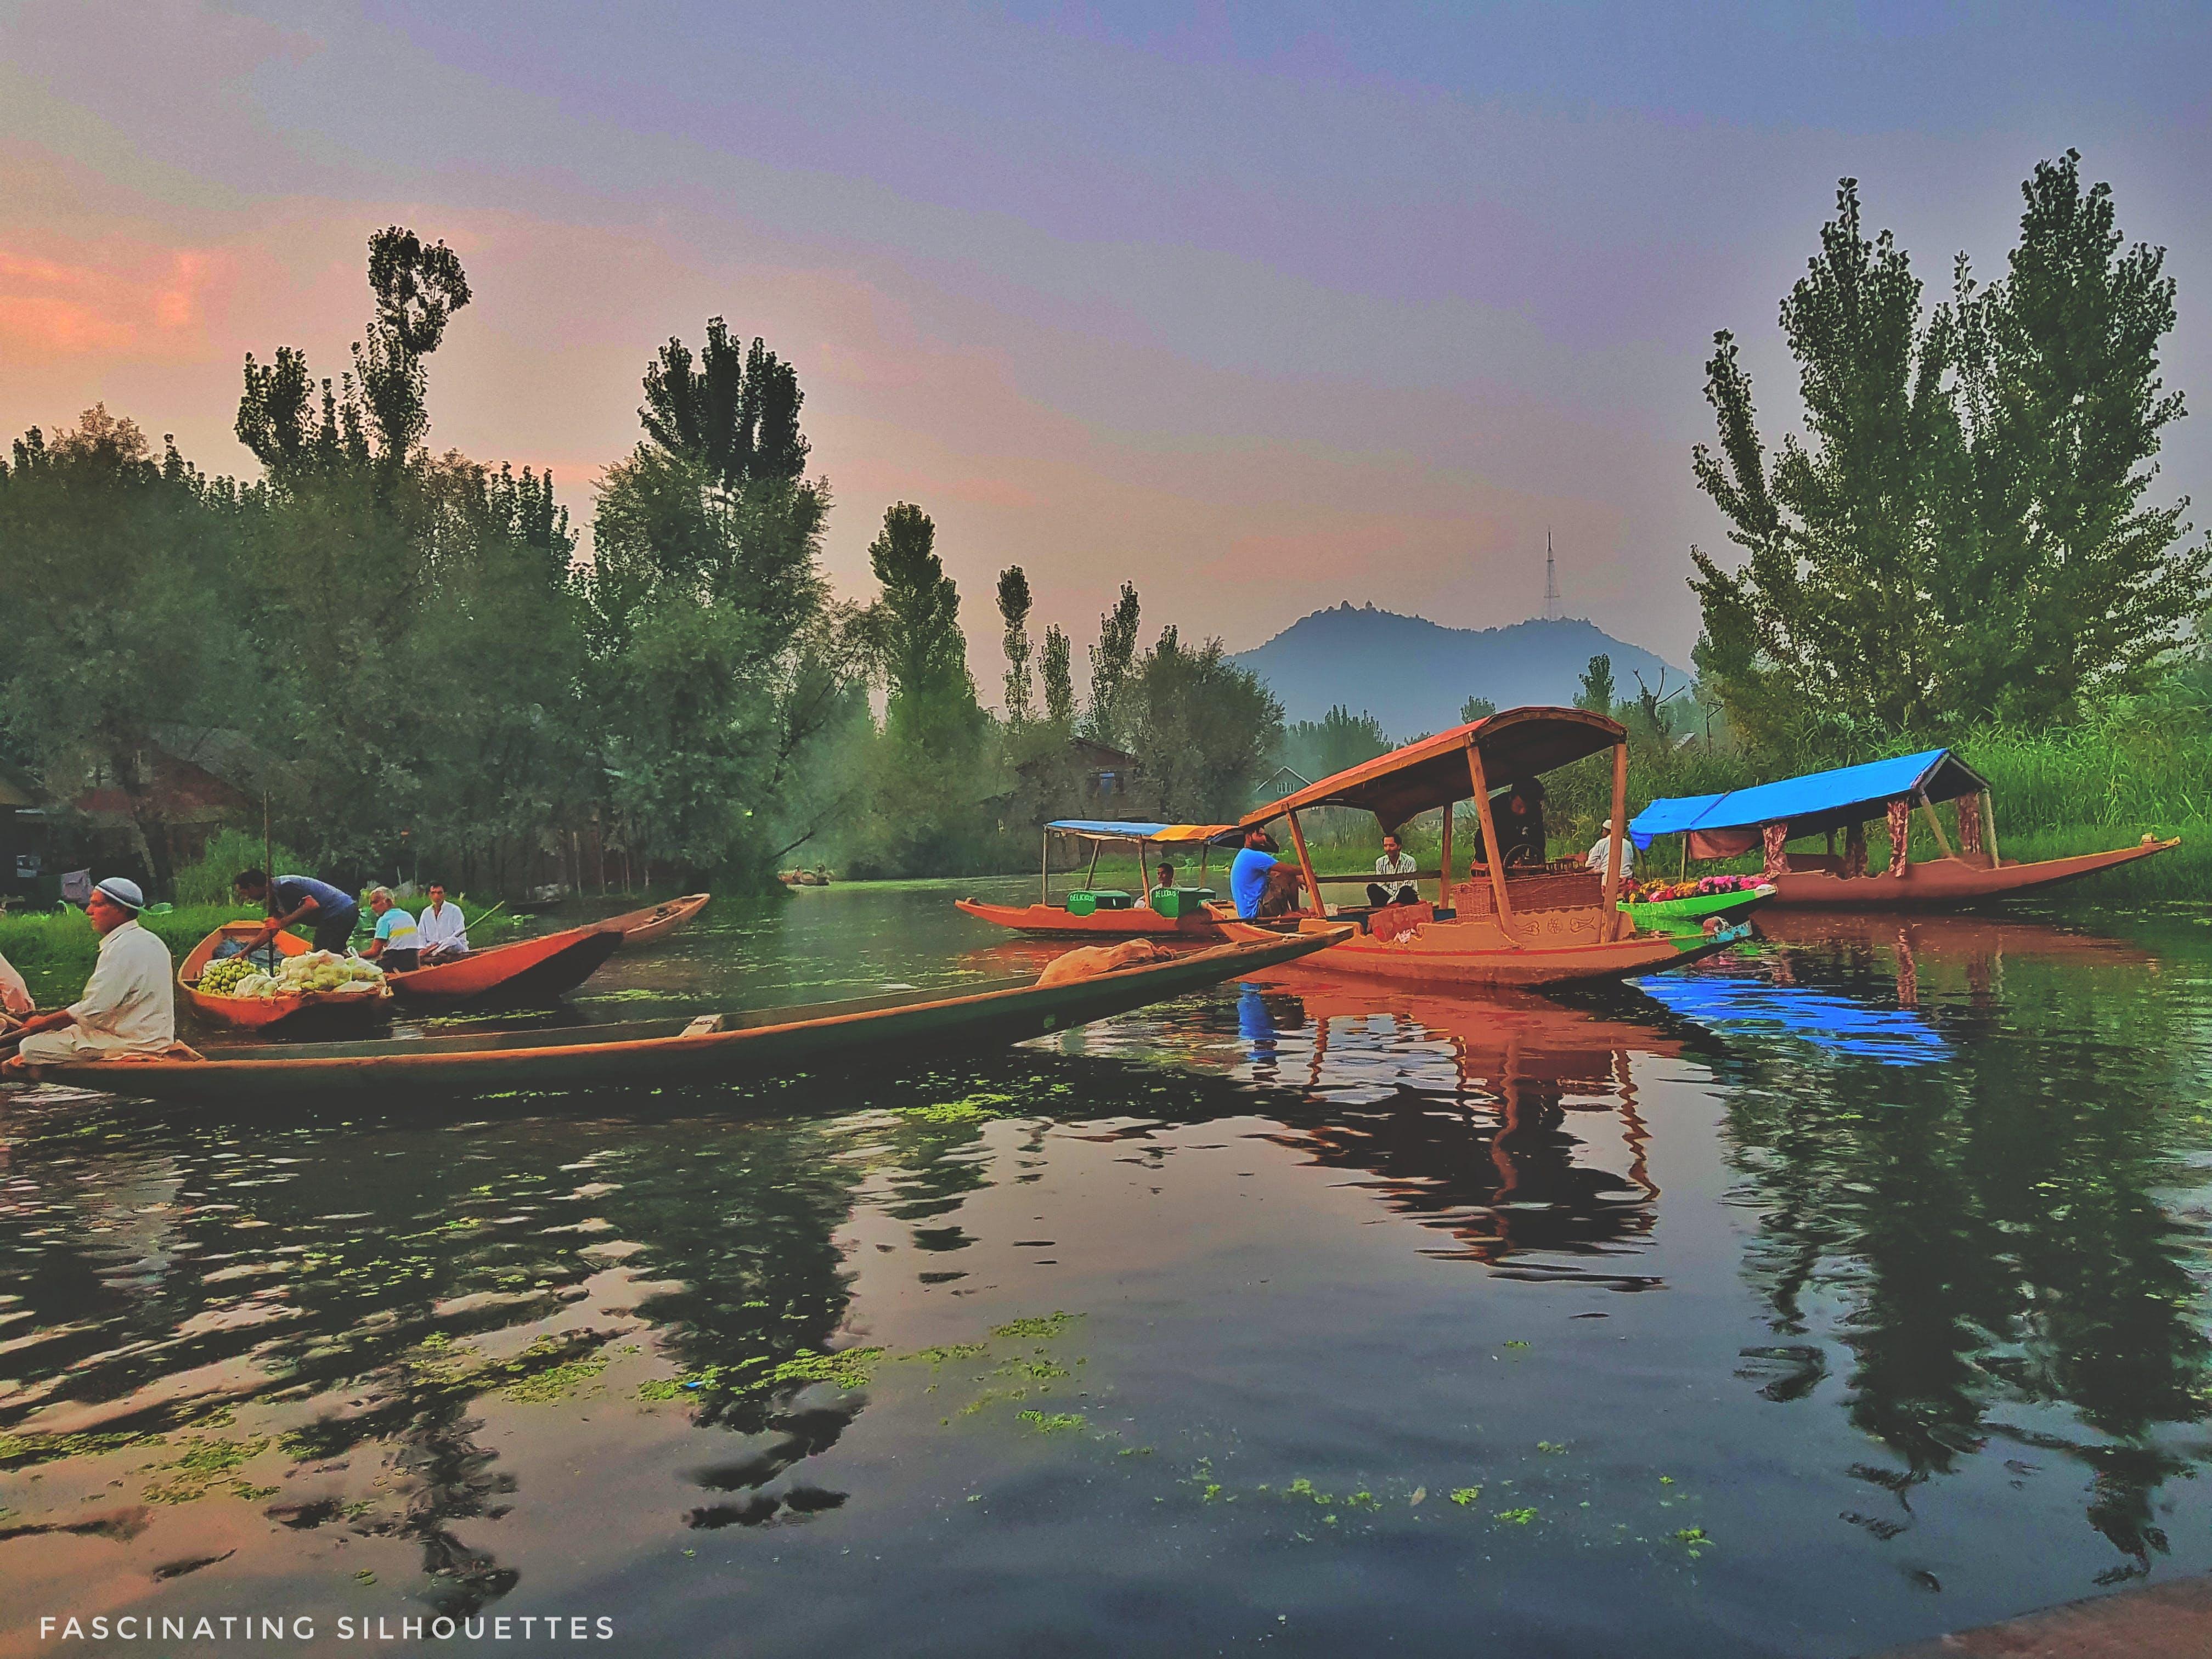 Ảnh lưu trữ miễn phí về Ấn Độ, ấn độ đáng kinh ngạc, chụp ảnh phong cảnh, Hình nền 4k